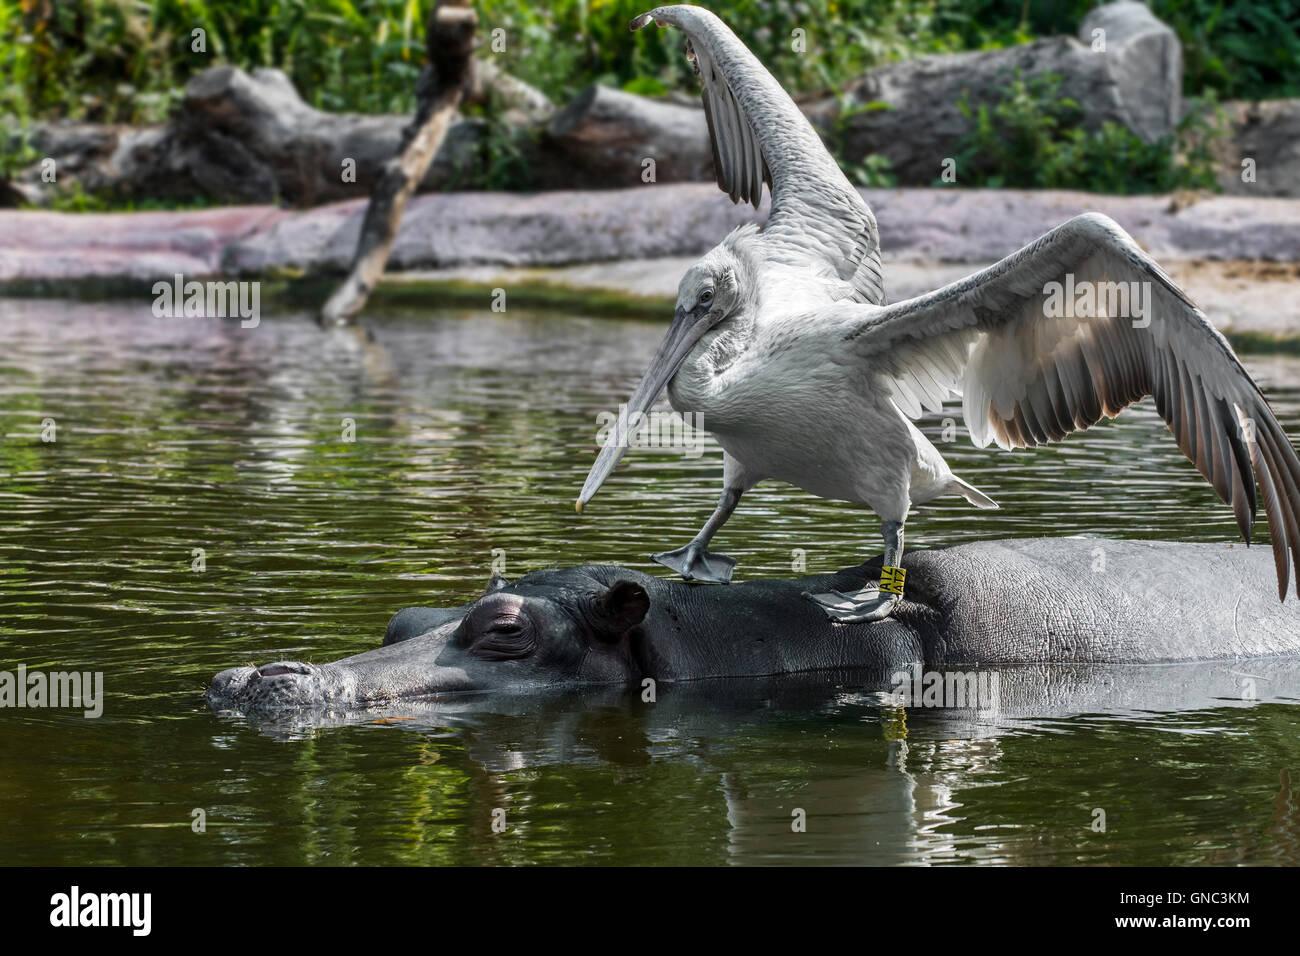 Pelícano dálmata (Pelecanus crispus) descansando sobre el hipopótamo (Hippopotamus amphibius) en el estanque en Foto de stock